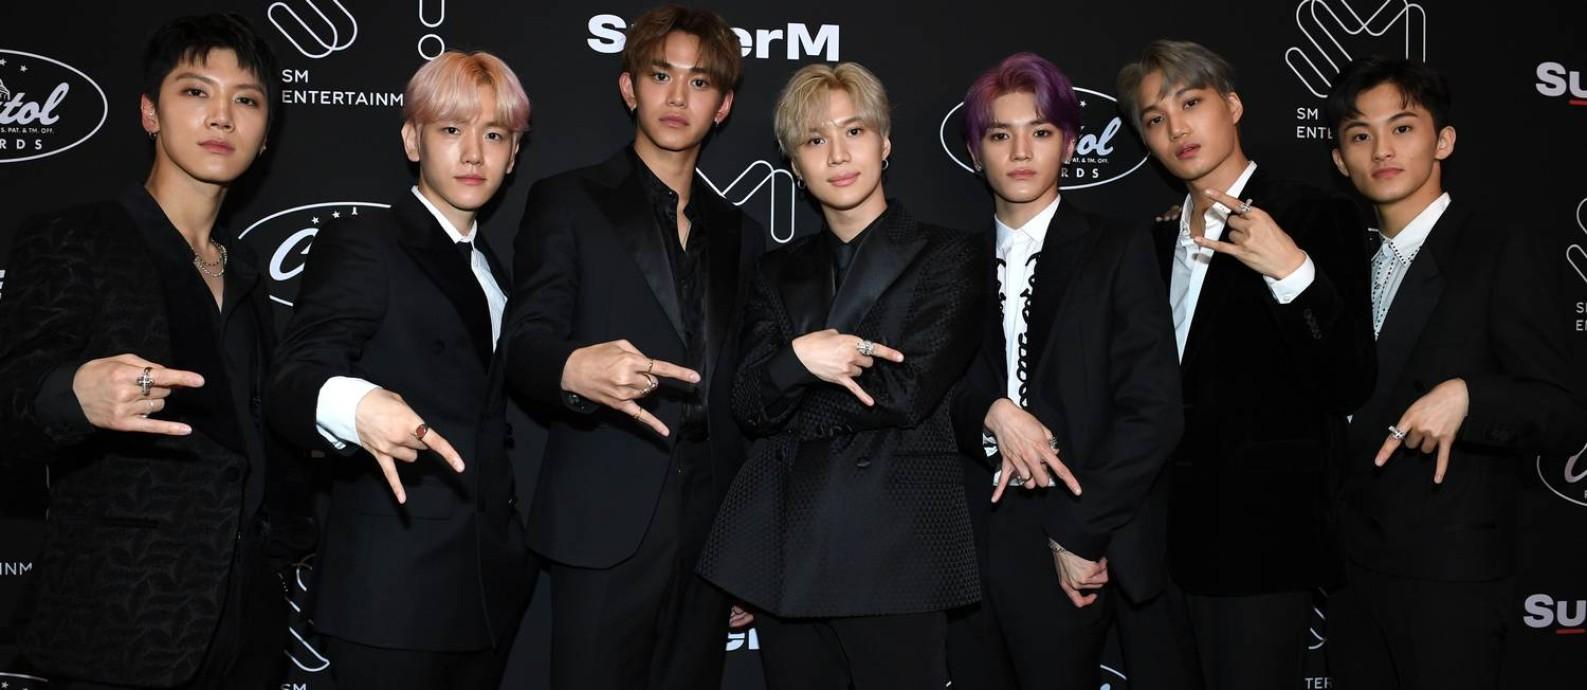 Ten, Baekhyun, Lucas, Taemin, Taeyeong, Kai e Mark, do grupo de k-pop SuperM, num evento na Capitol Records, em Hollywood, em outubro de 2019 Foto: VALERIE MACON / AFP